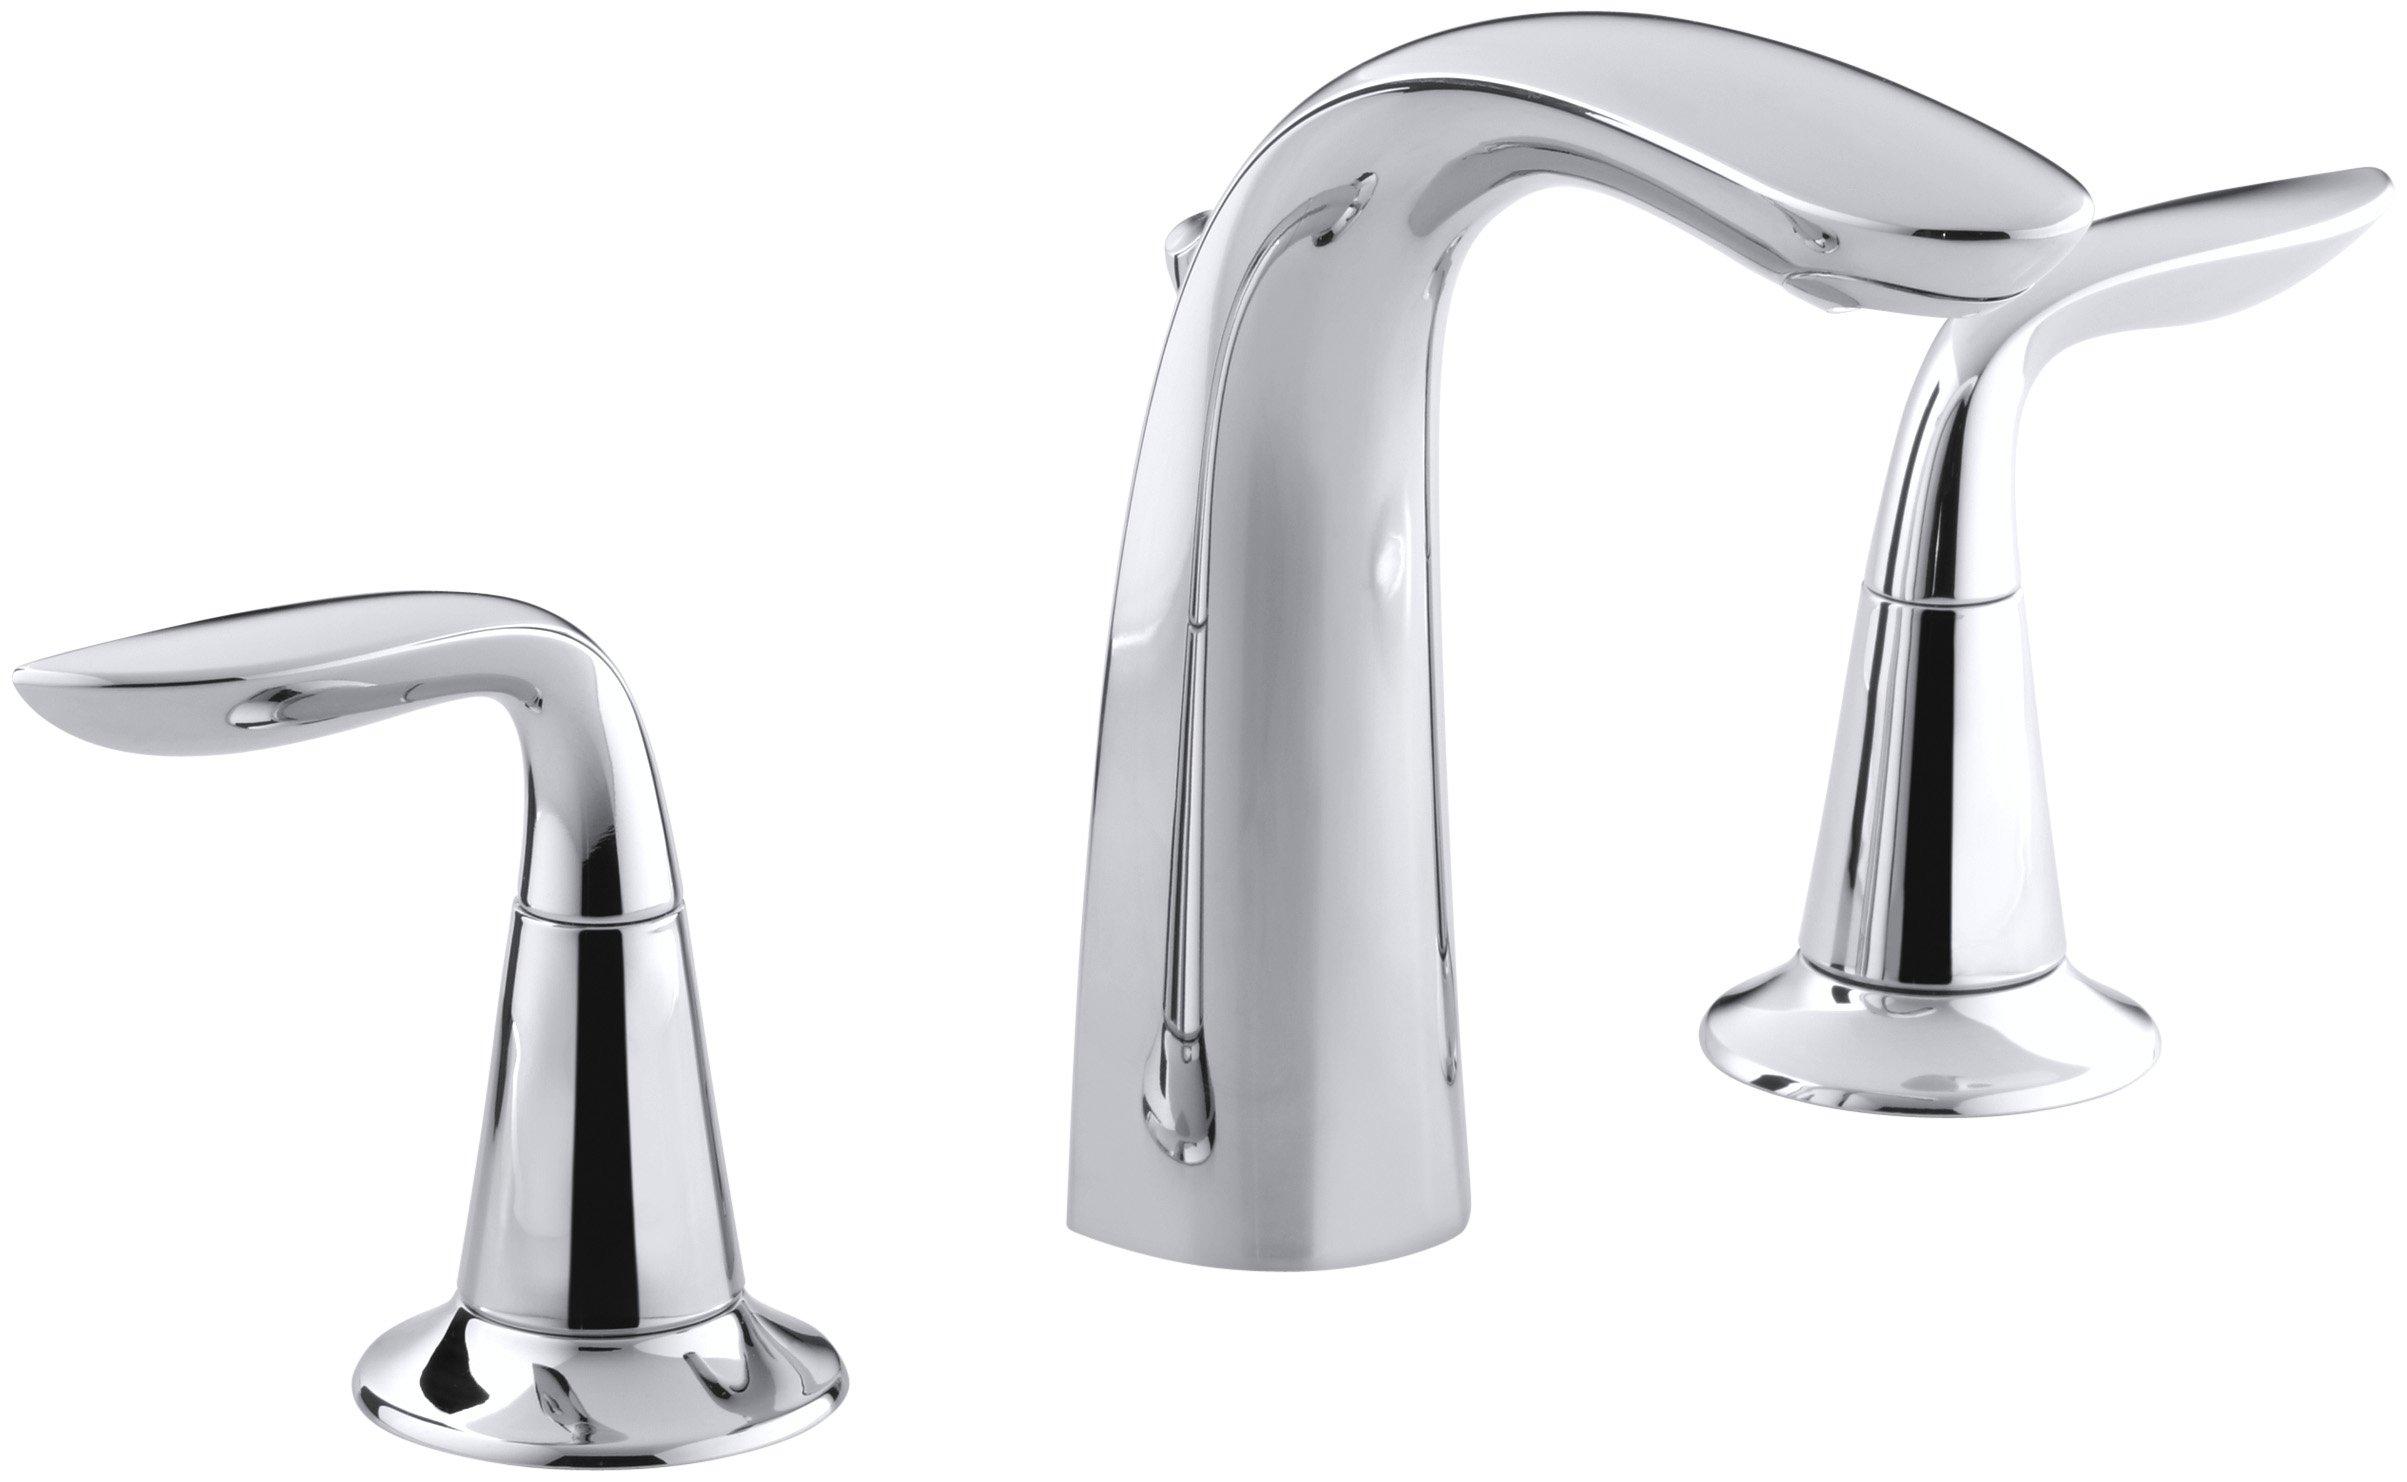 Cheap Kohler Faucet Parts Find Kohler Faucet Parts Deals On Line At